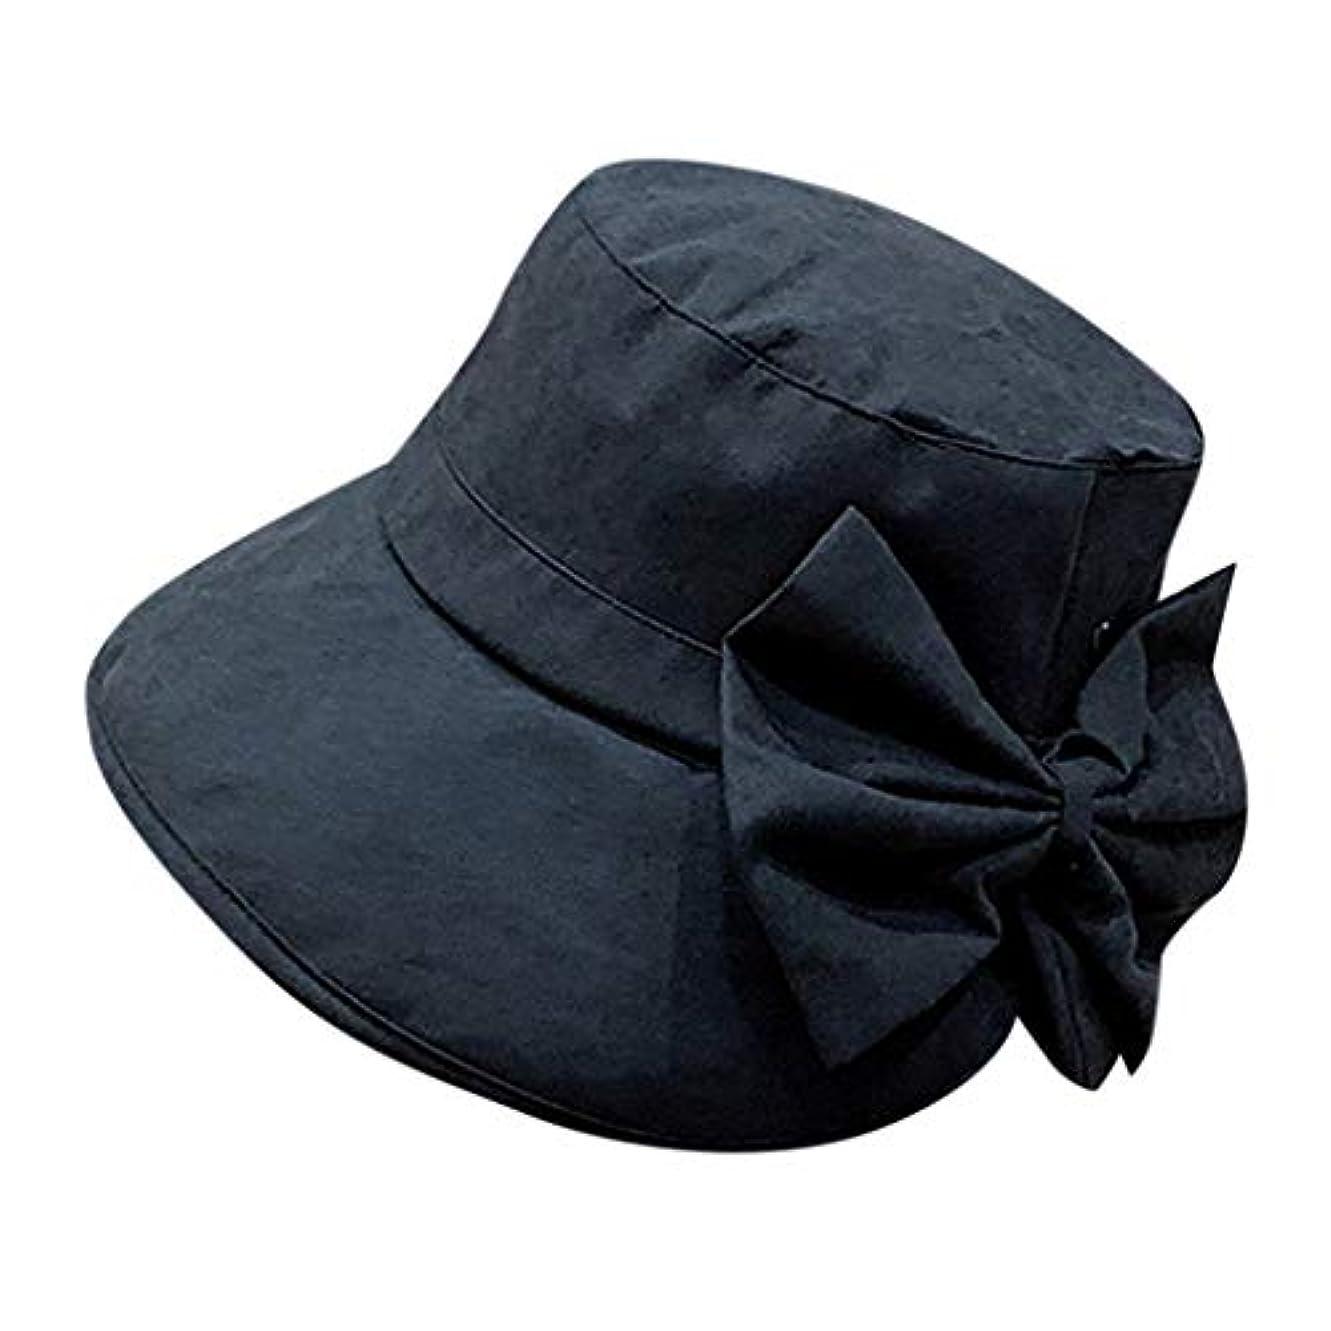 フェンス最少水差し女性 帽子 レディース UVカット ハット女の子 つば広い 漁師帽 女優帽 小顔効果 紫外線 対策 レディース 蝶結び UV 加工 リボン ハット ビーチ 日よけ テント ビーチサンダル ベレー帽 ROSE ROMAN